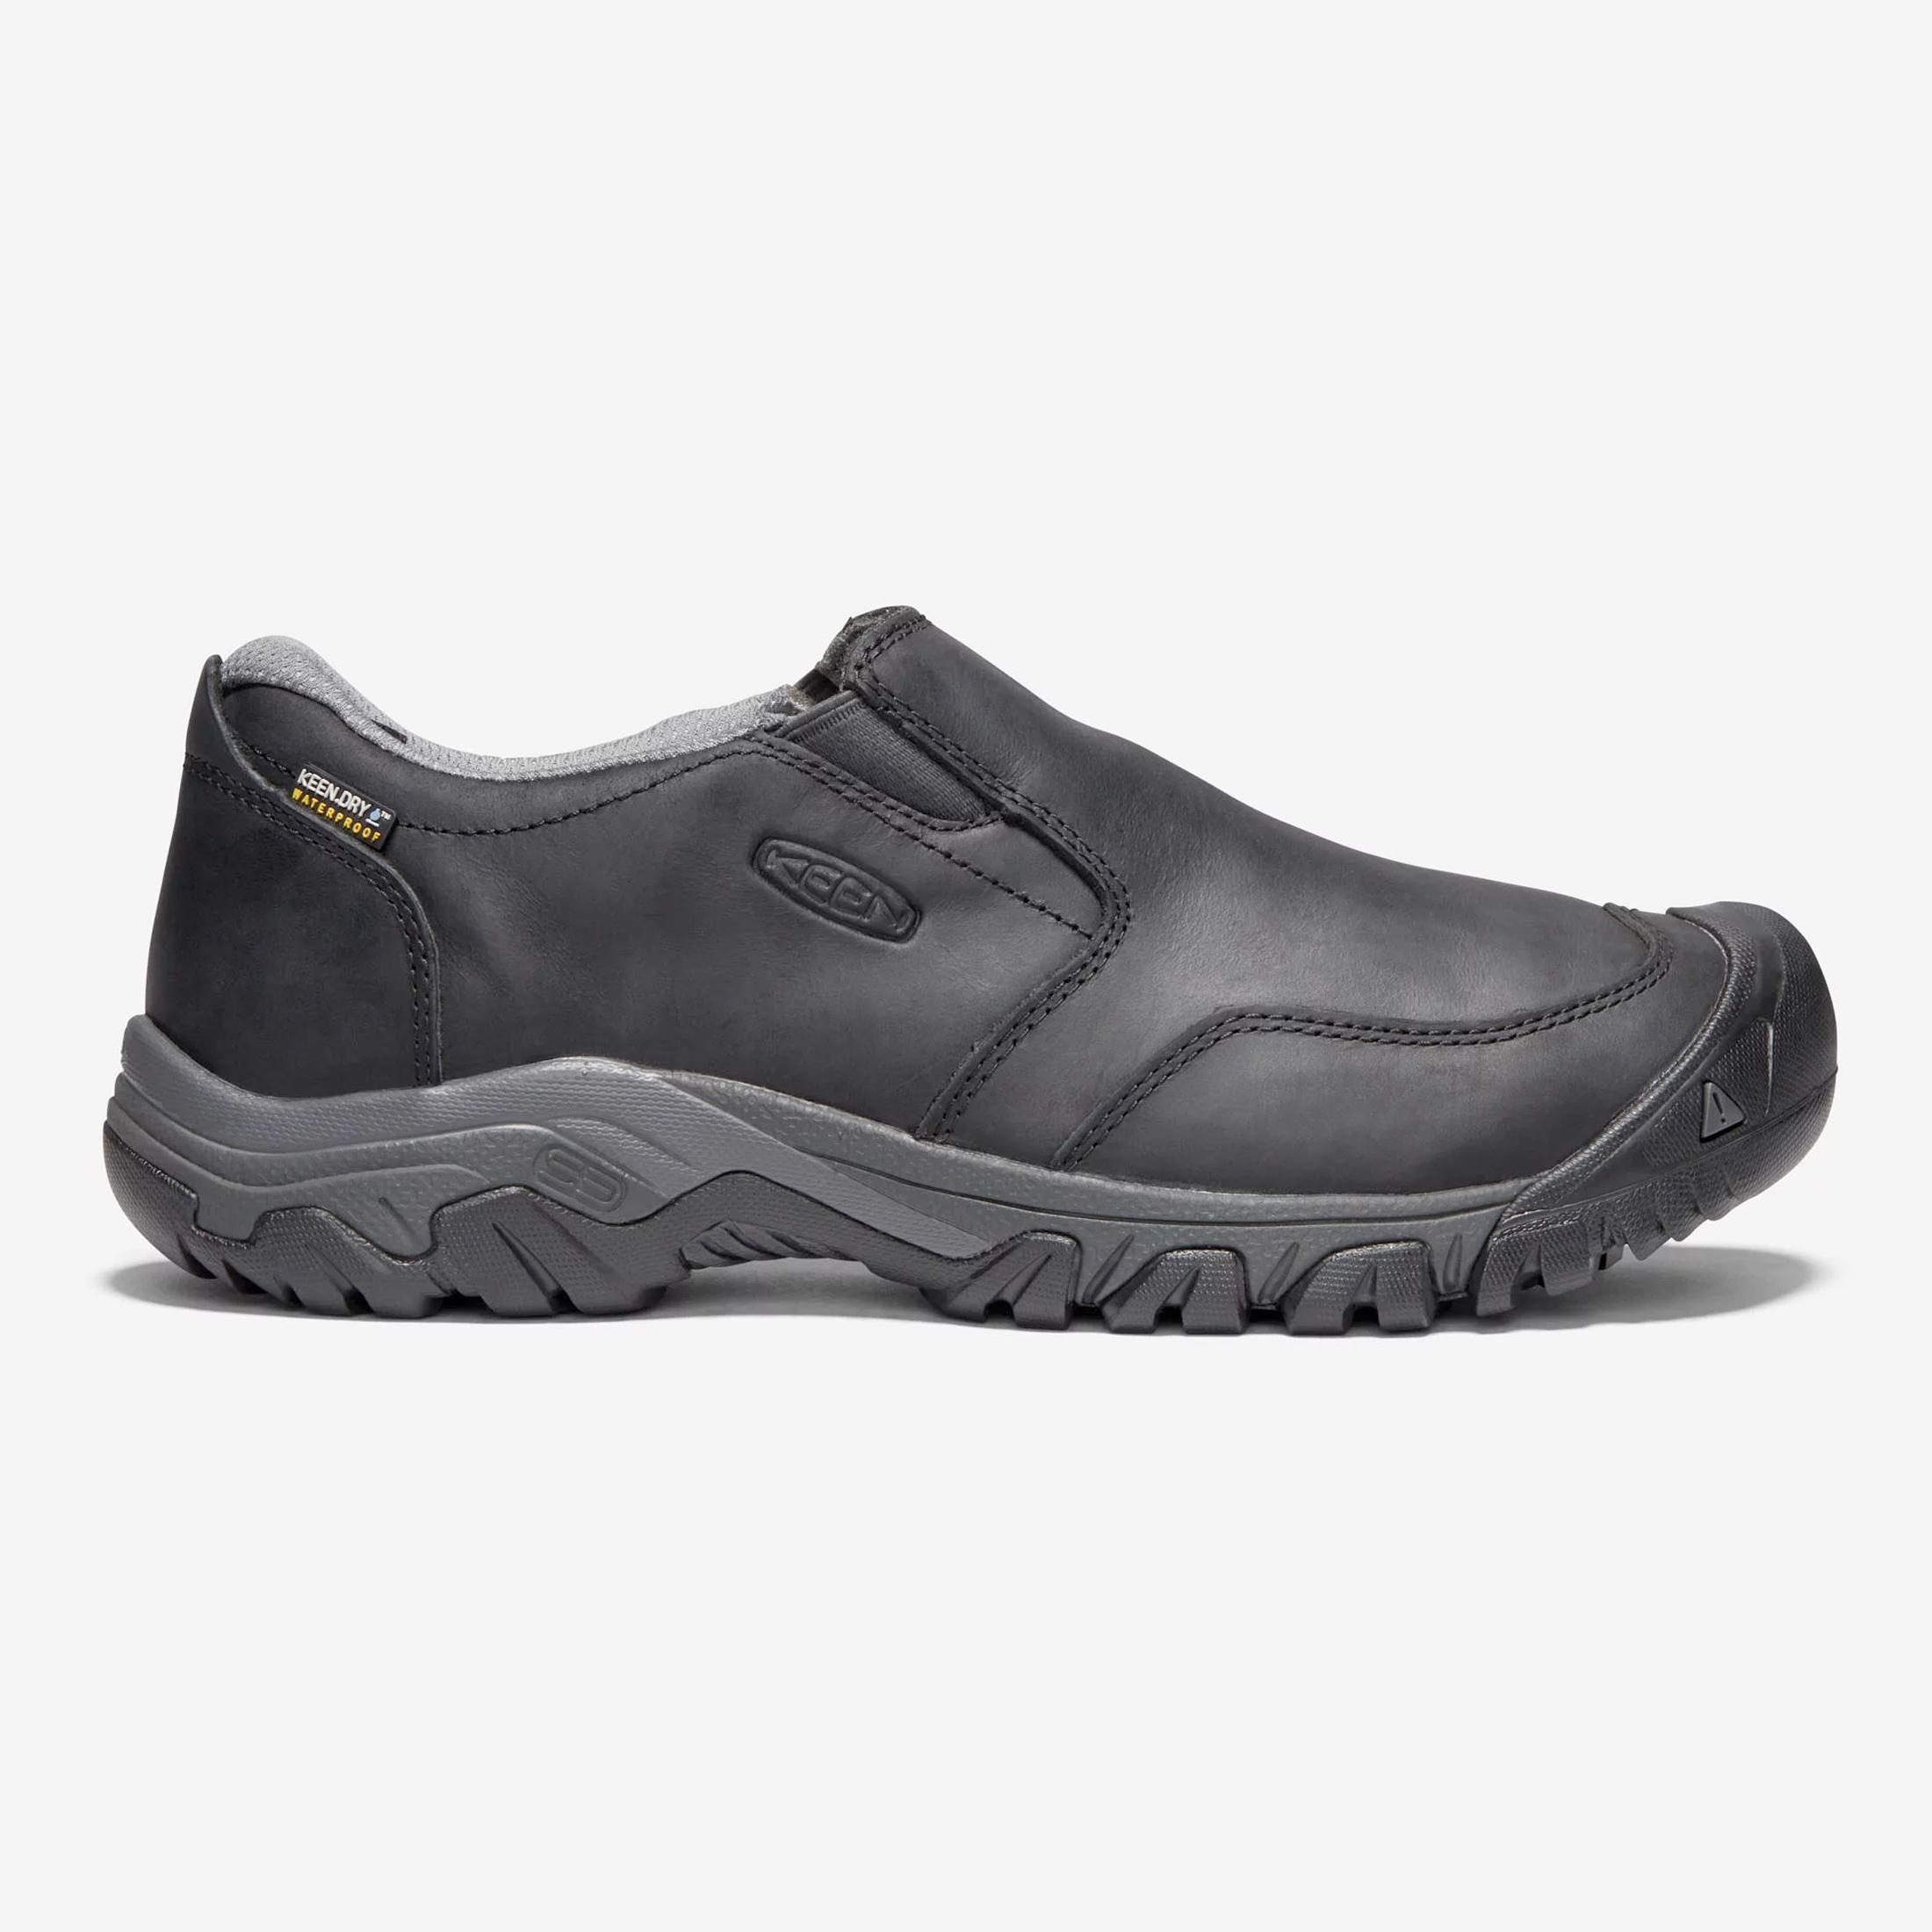 KEEN Brixen II Waterproof   ShoeStores.com